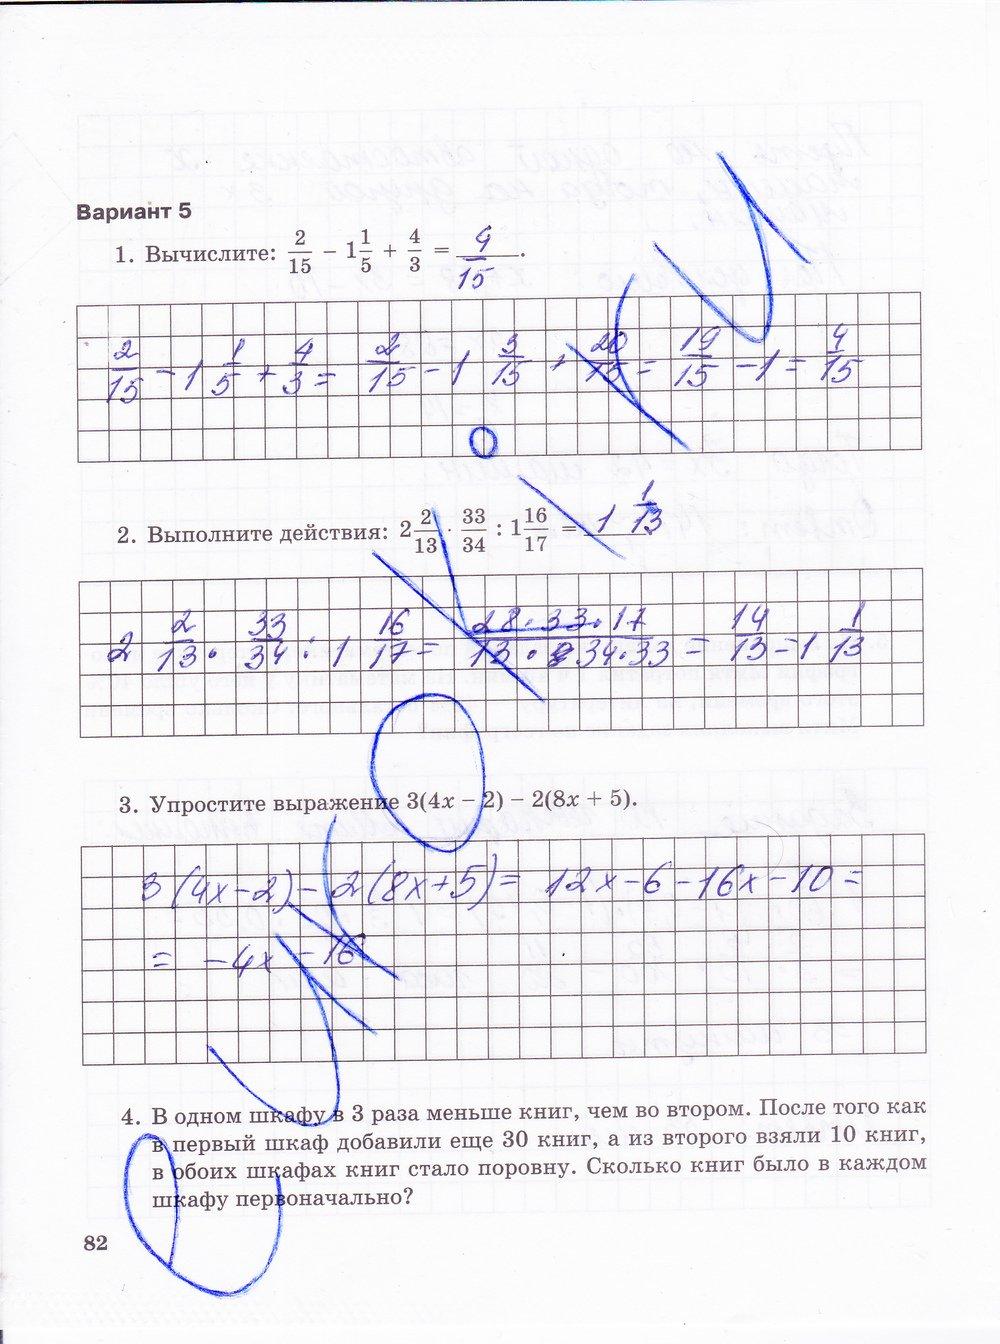 ГДЗ по математике 6 класс тетрадь для контрольных работ Зубарева, Лепешонкова Мнемозина Часть 1, 2 ответы и решения онлайн. Задание: стр. 82